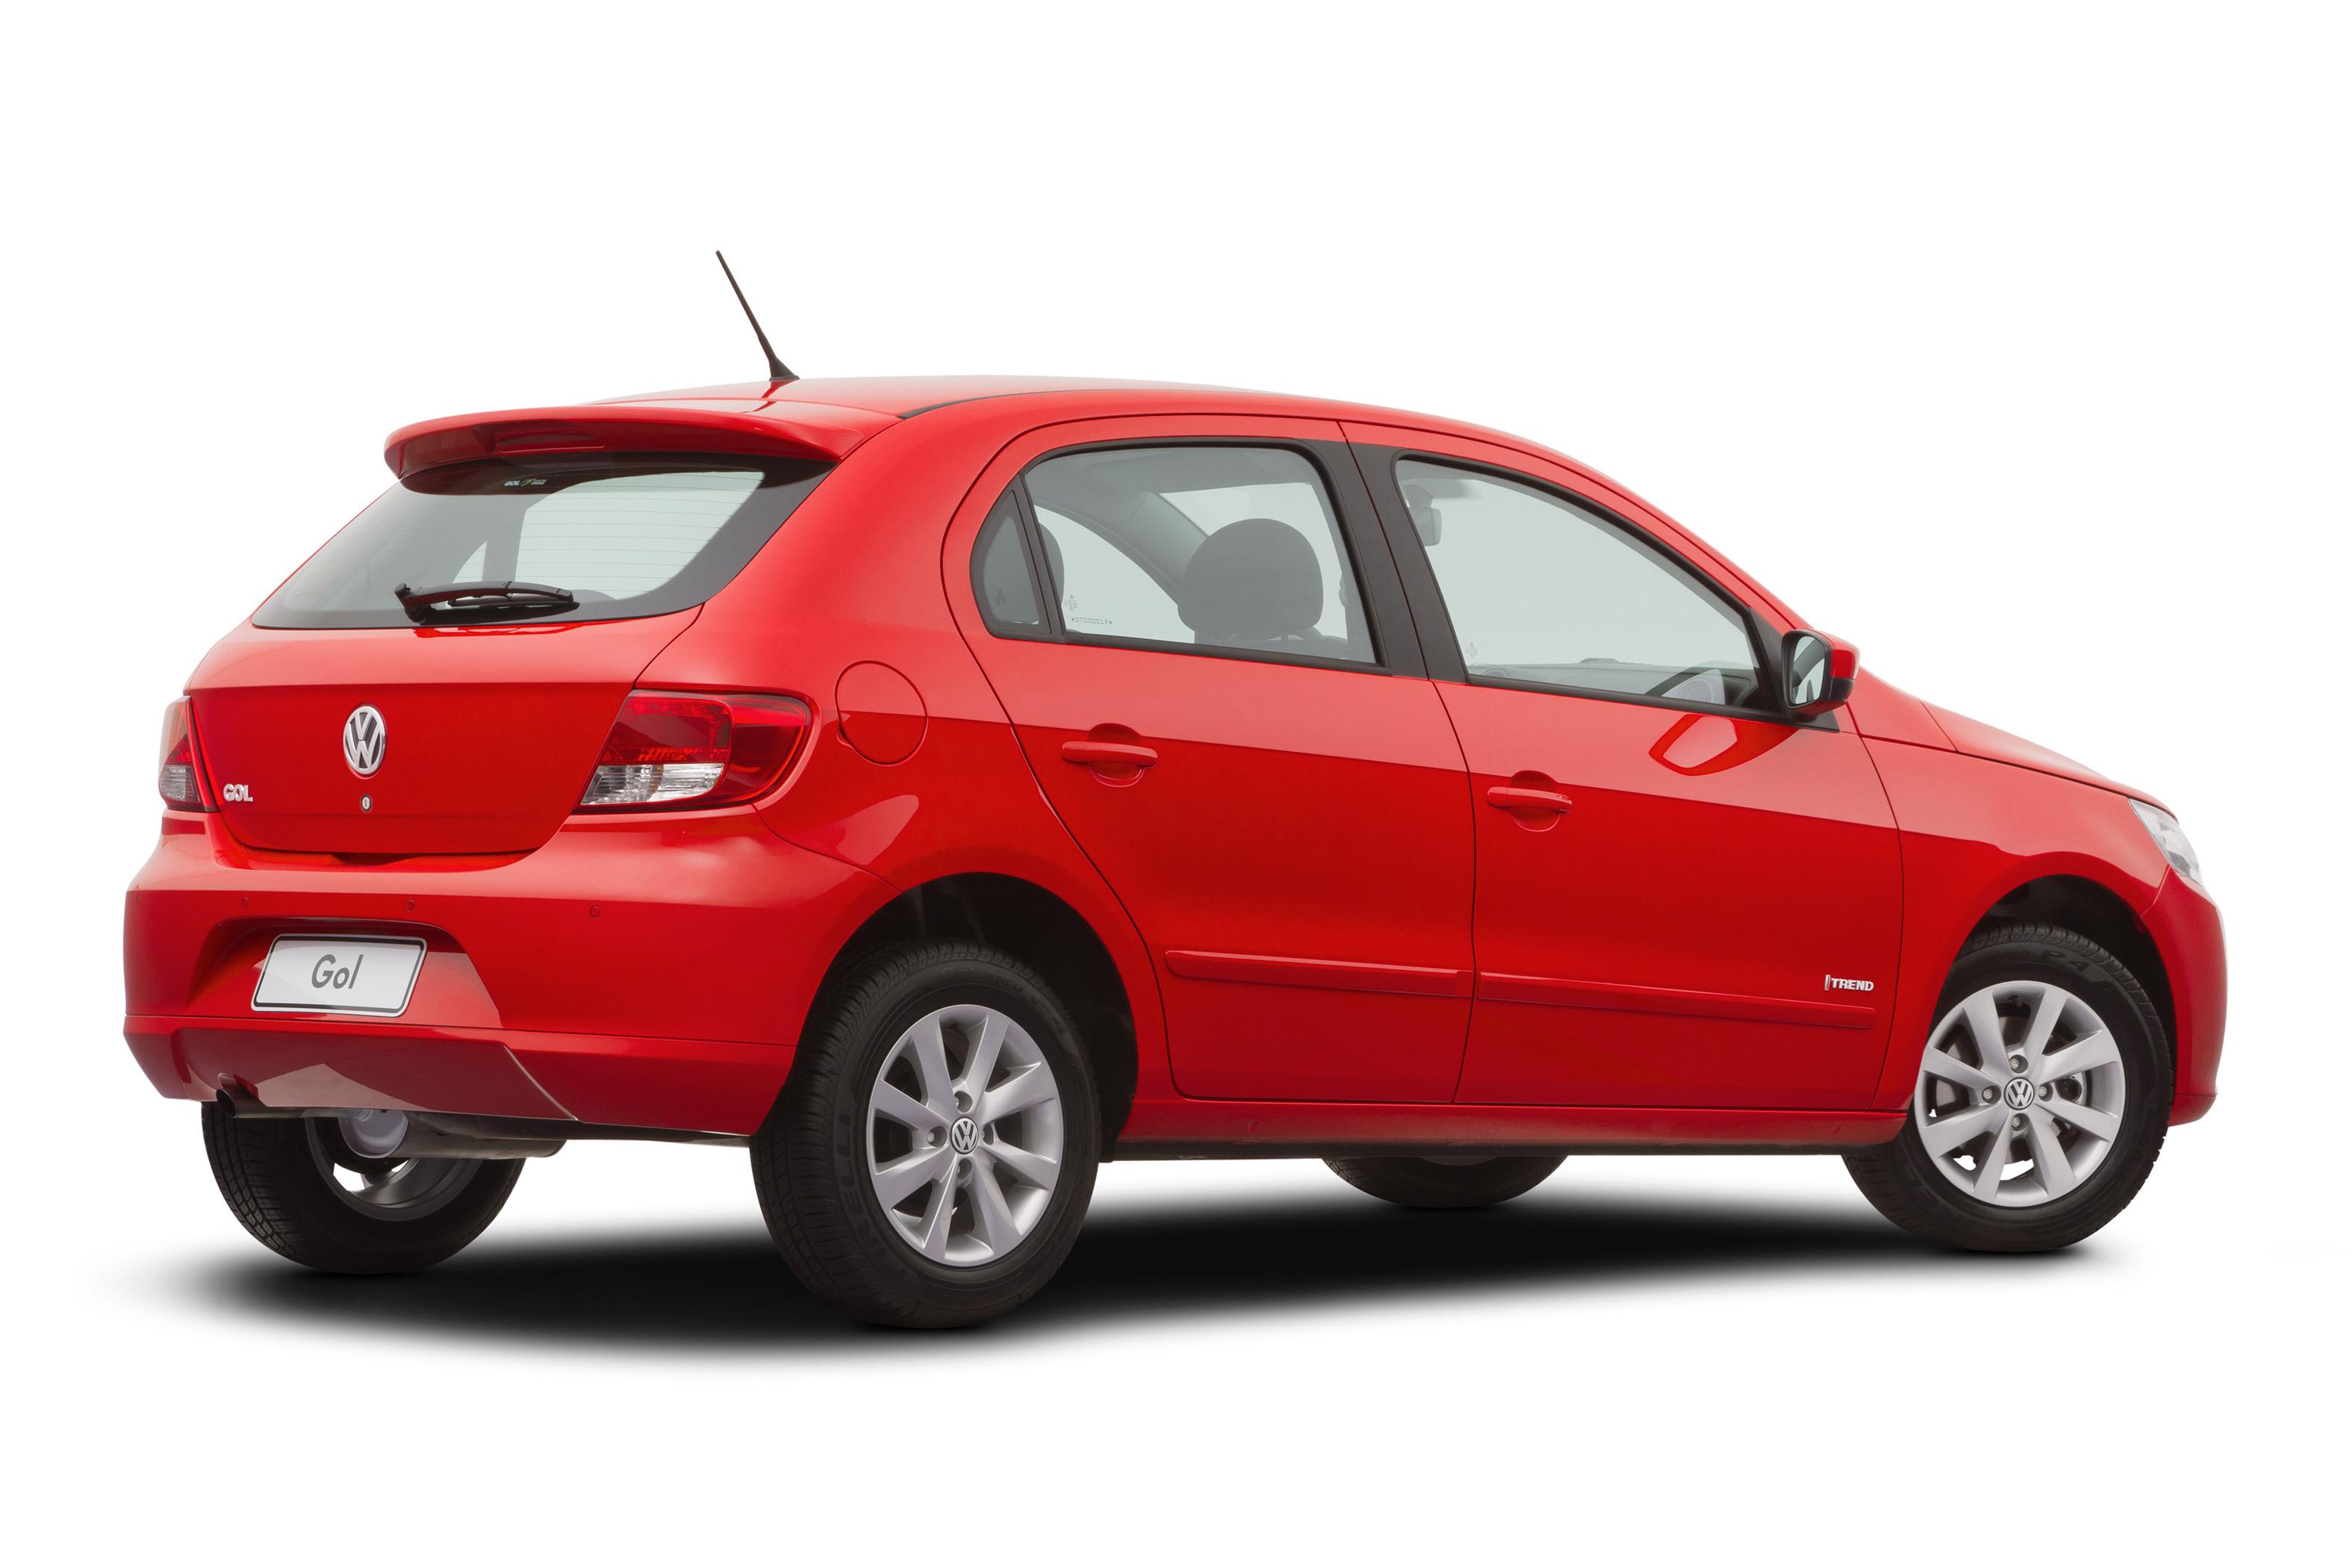 Картинки Фольксваген Gol Trend (V), 2008–12 красная машины Металлик Белый фон 3150x2100 Volkswagen Красный красные красных авто машина Автомобили автомобиль белом фоне белым фоном